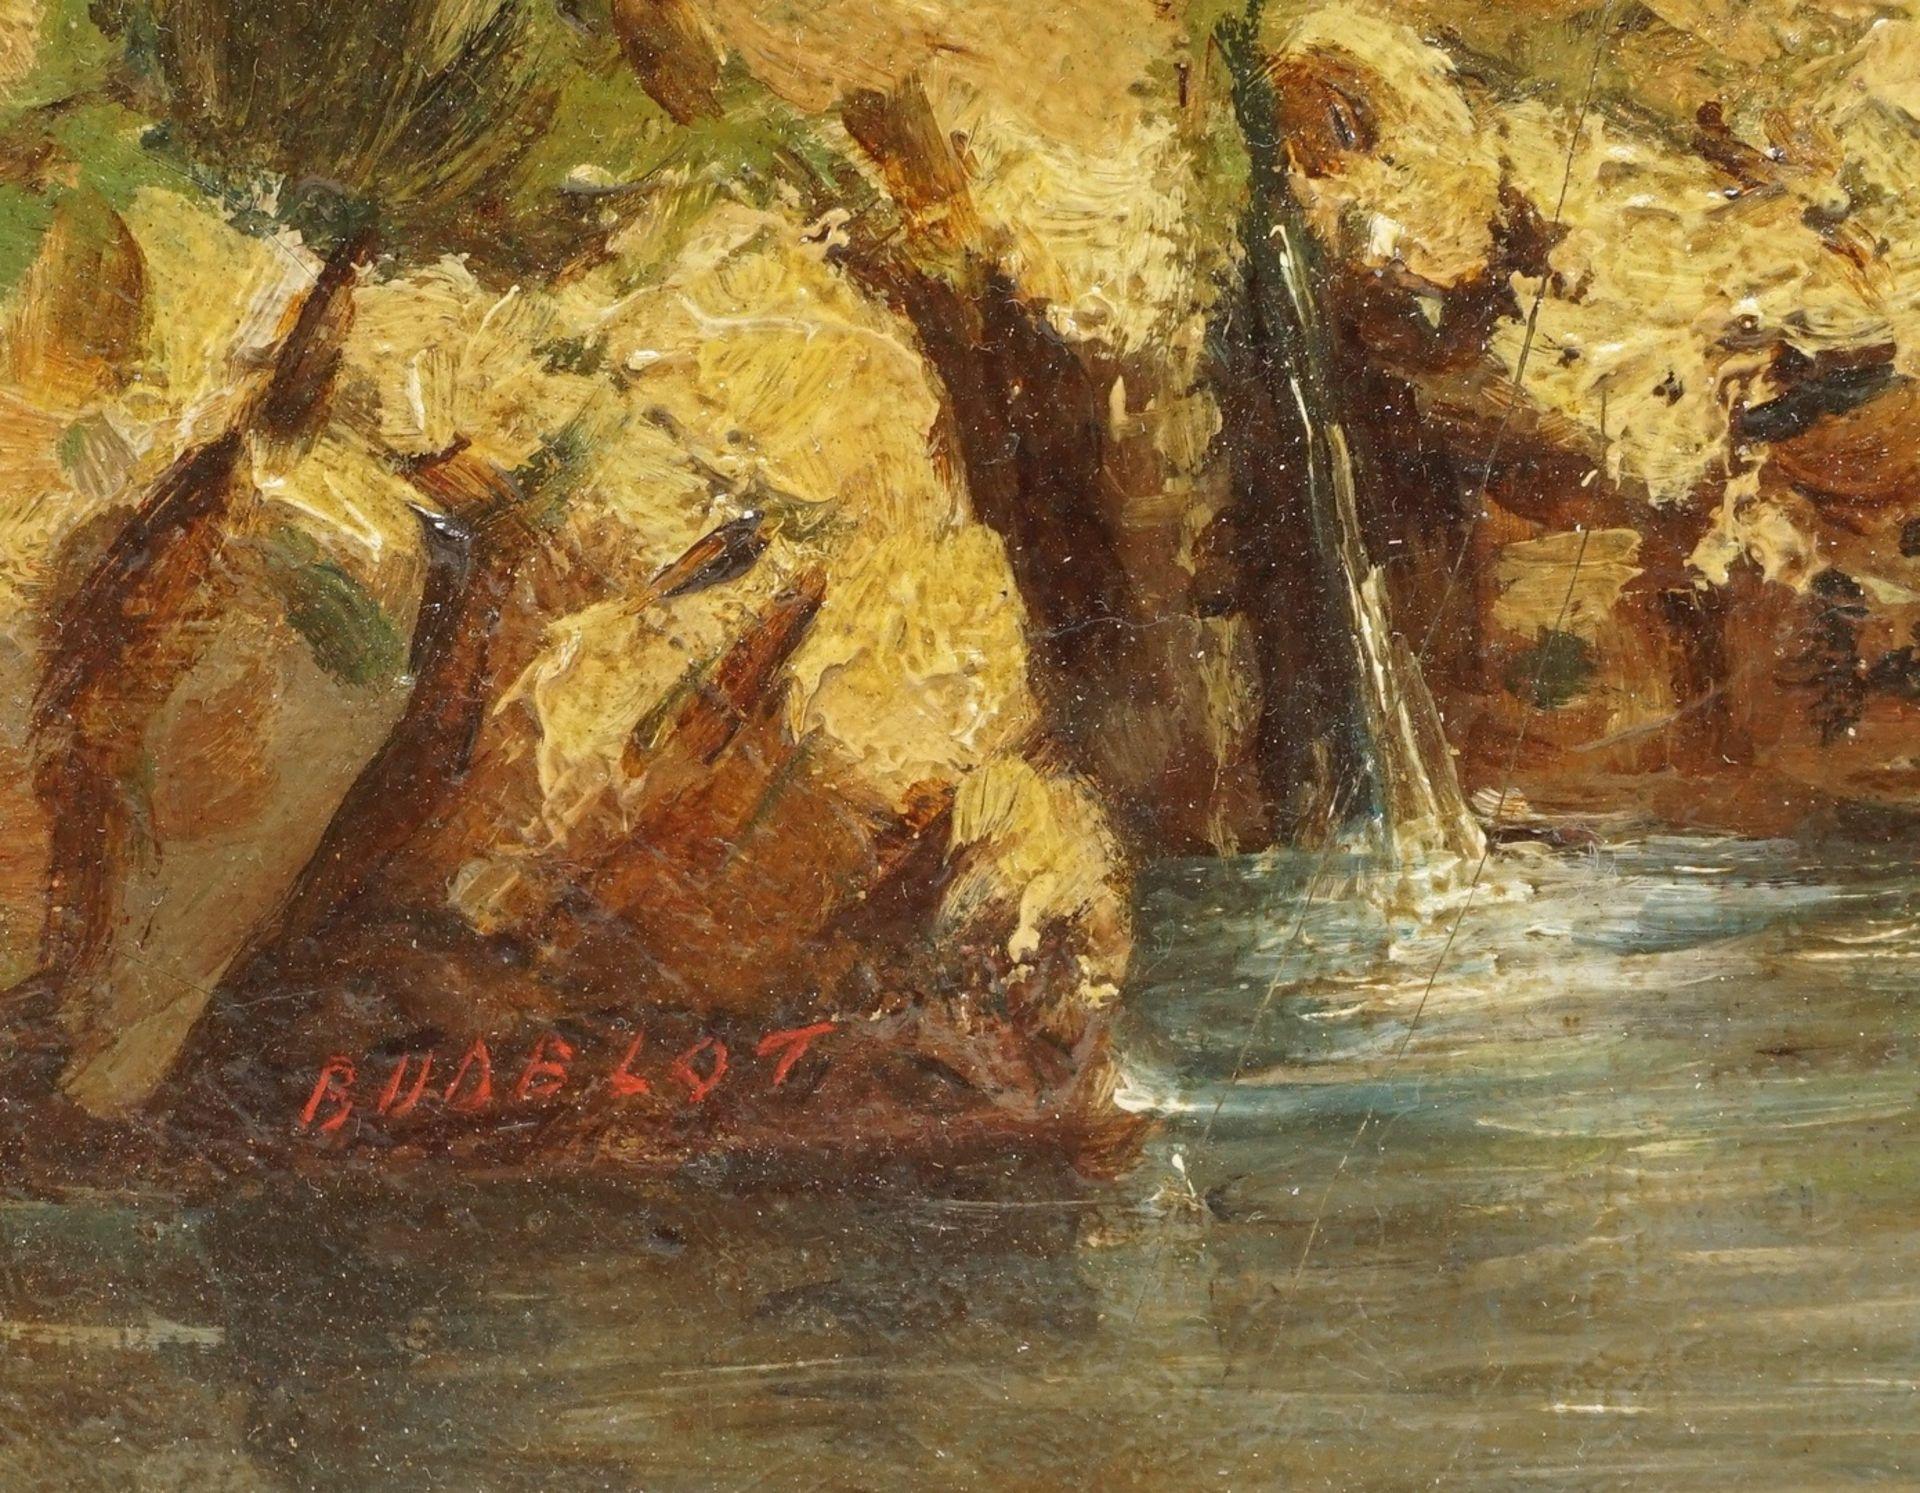 """Französischer Landschaftsmaler, sign. Budelot, """"Kleiner Flusslauf in Südfrankreich"""" - Bild 4 aus 4"""